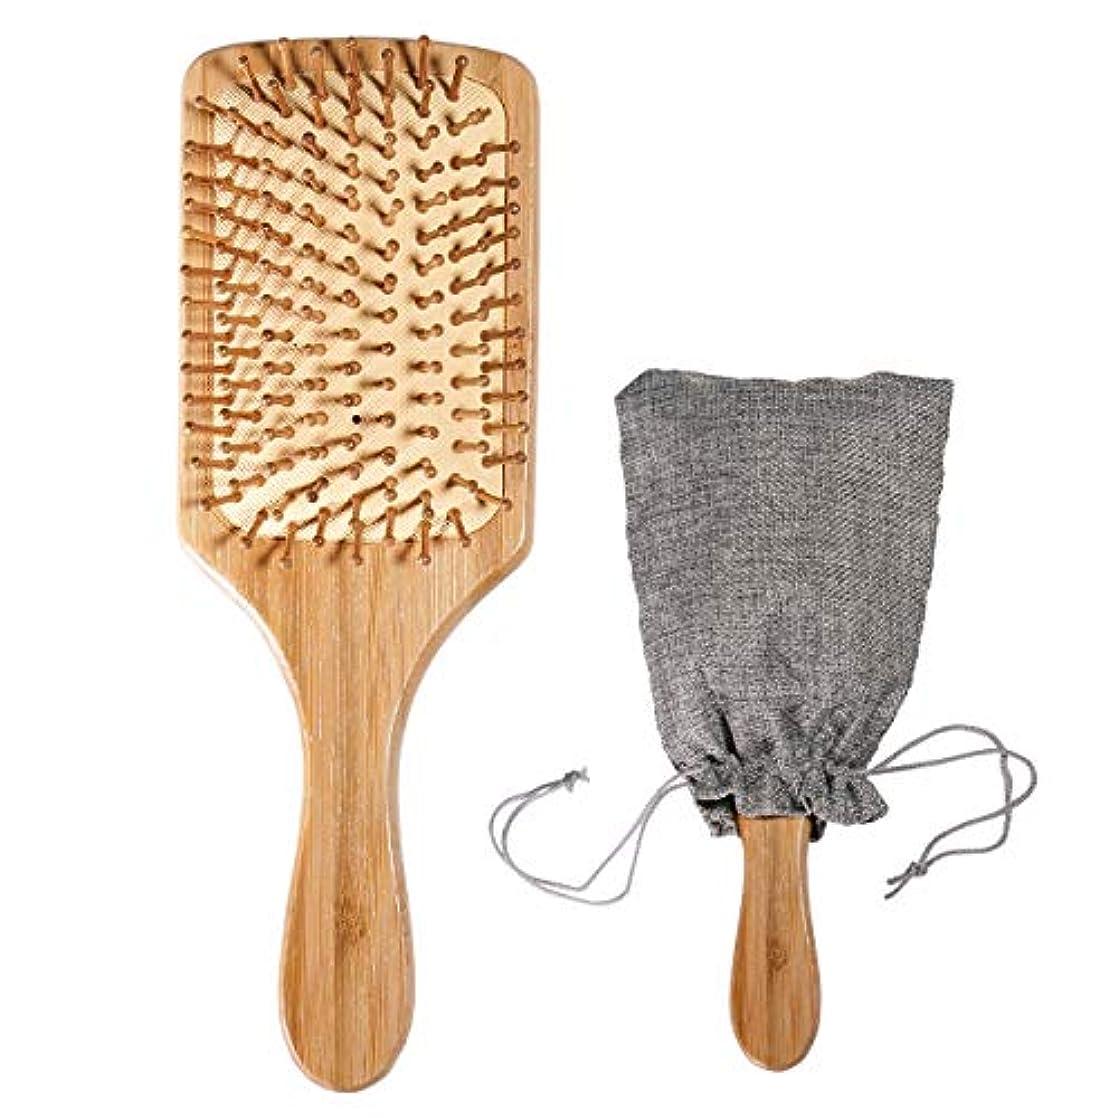 何かリップ砂の木製 竹ヘアブラシ(頭皮マッサージ 美髪ケア)ブラシクリーナー&巾着 付き